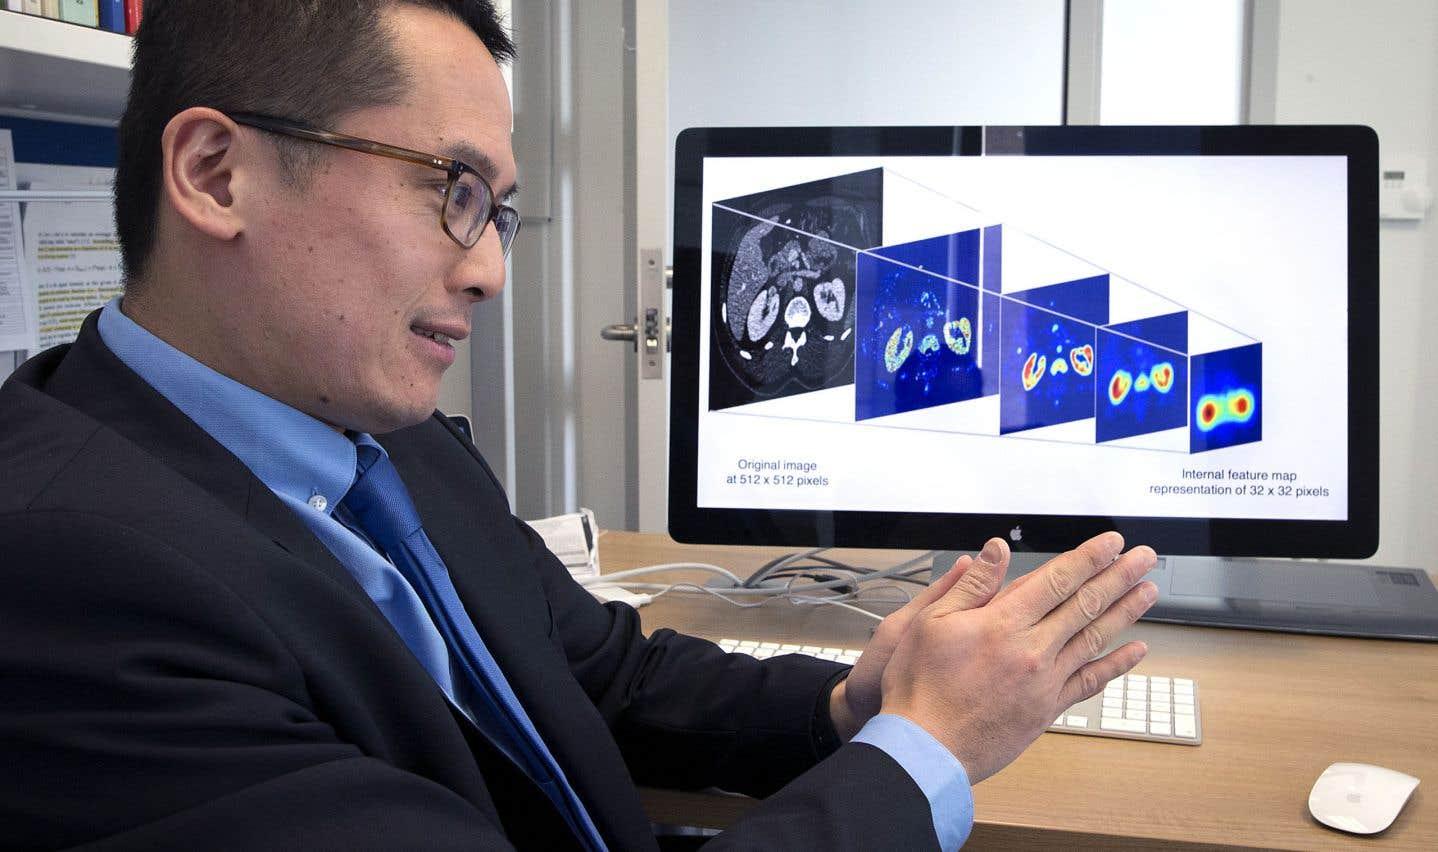 Les avancées de l'intelligence artificielle s'apprêtent à bouleverser la pratique médicale